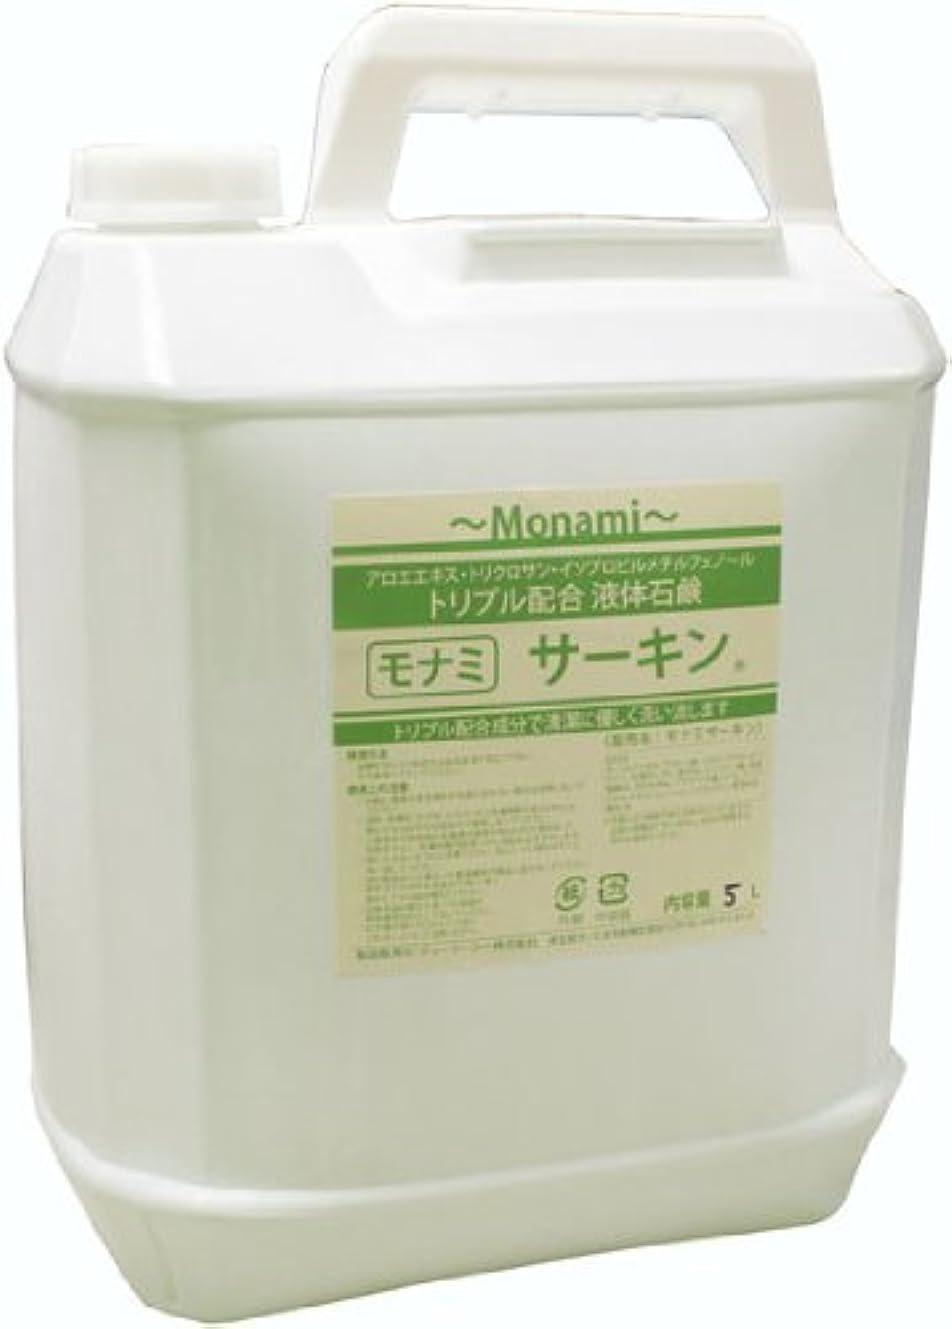 マトン好み炭素保湿剤配合業務用液体ソープ「モナミ サーキン5L」アロエエキス、トリクロサン、イソプロピルメチルフェノール配合